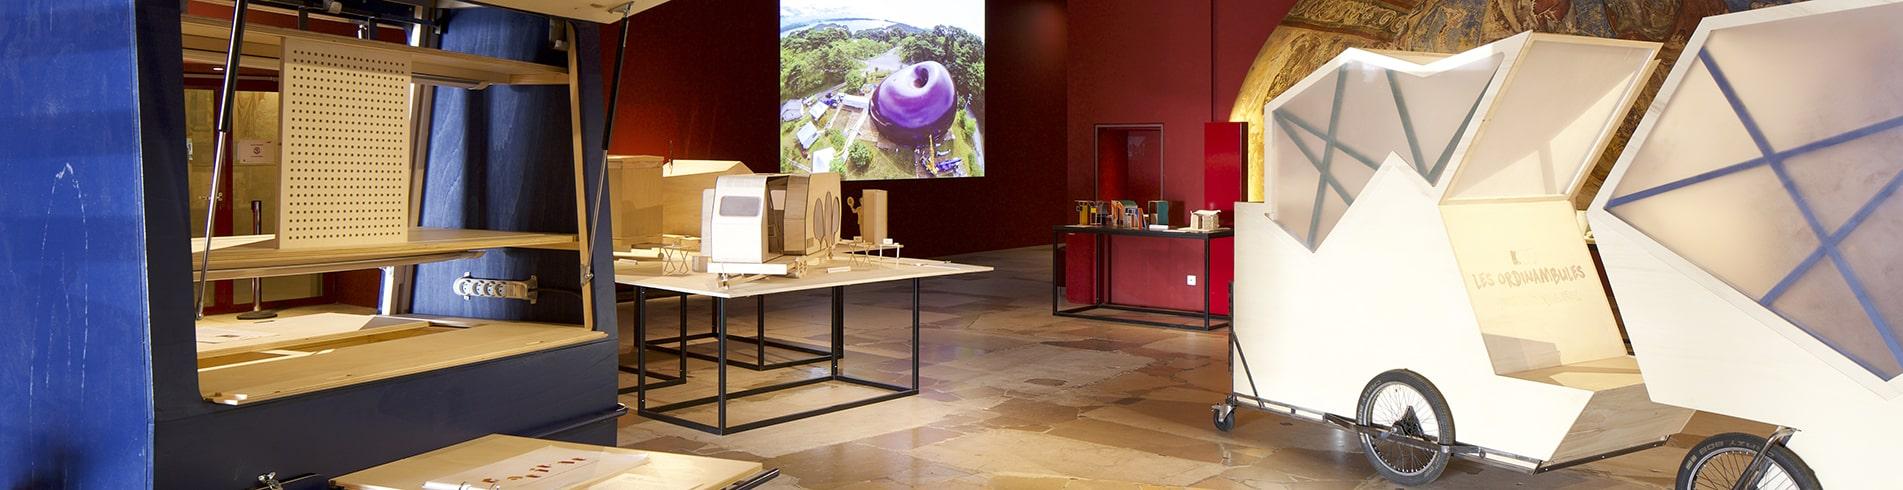 Photo de l'exposition Mini maousse 7 à la Cité de l'architecture et du patrimoine